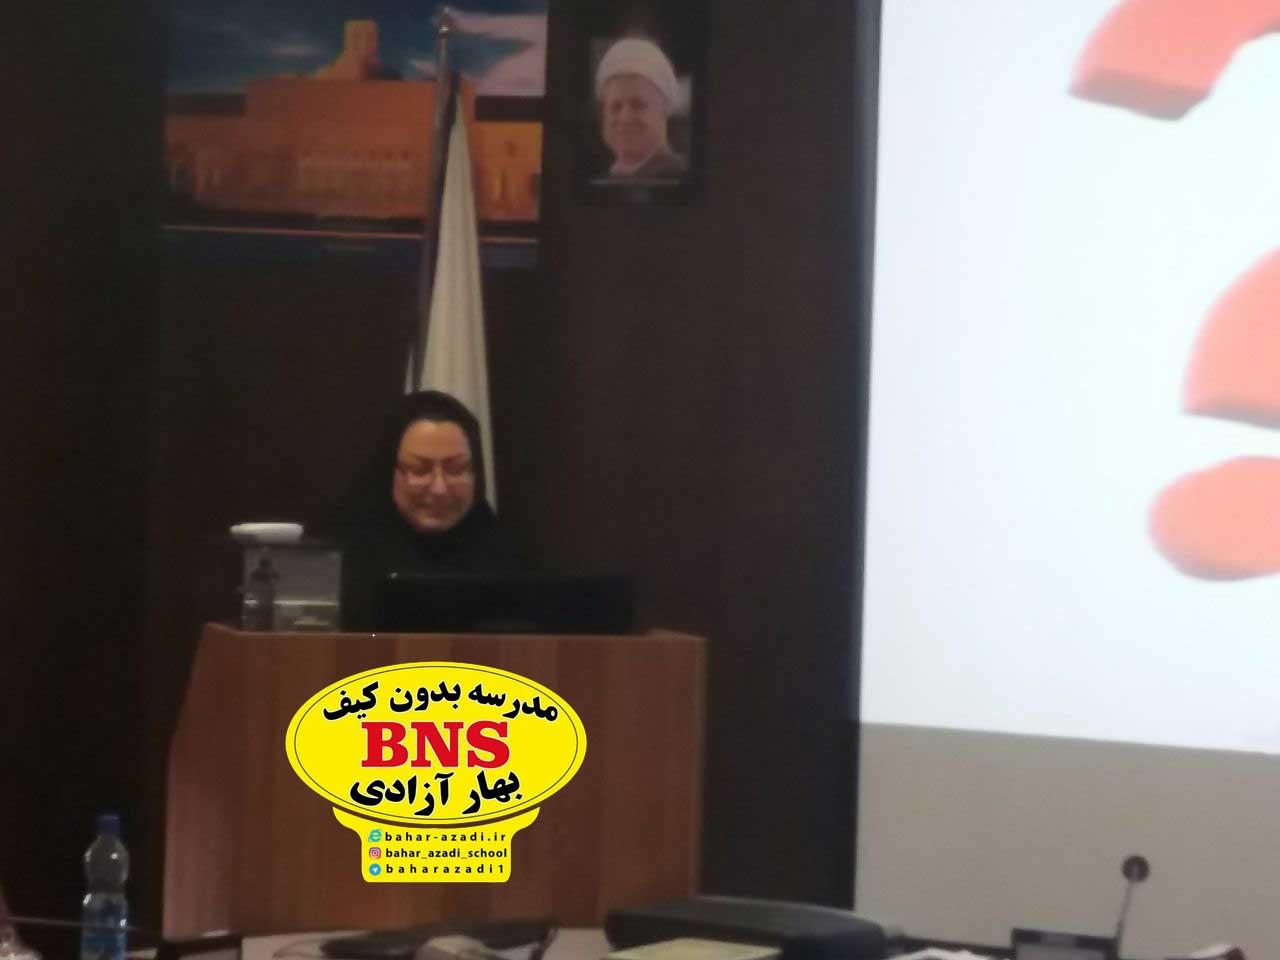 azadi 3 - تصاویری از مدیریت مدرسه بدون کیف مریم آزادی اصفهان و مهندس پژمان ایراندوست